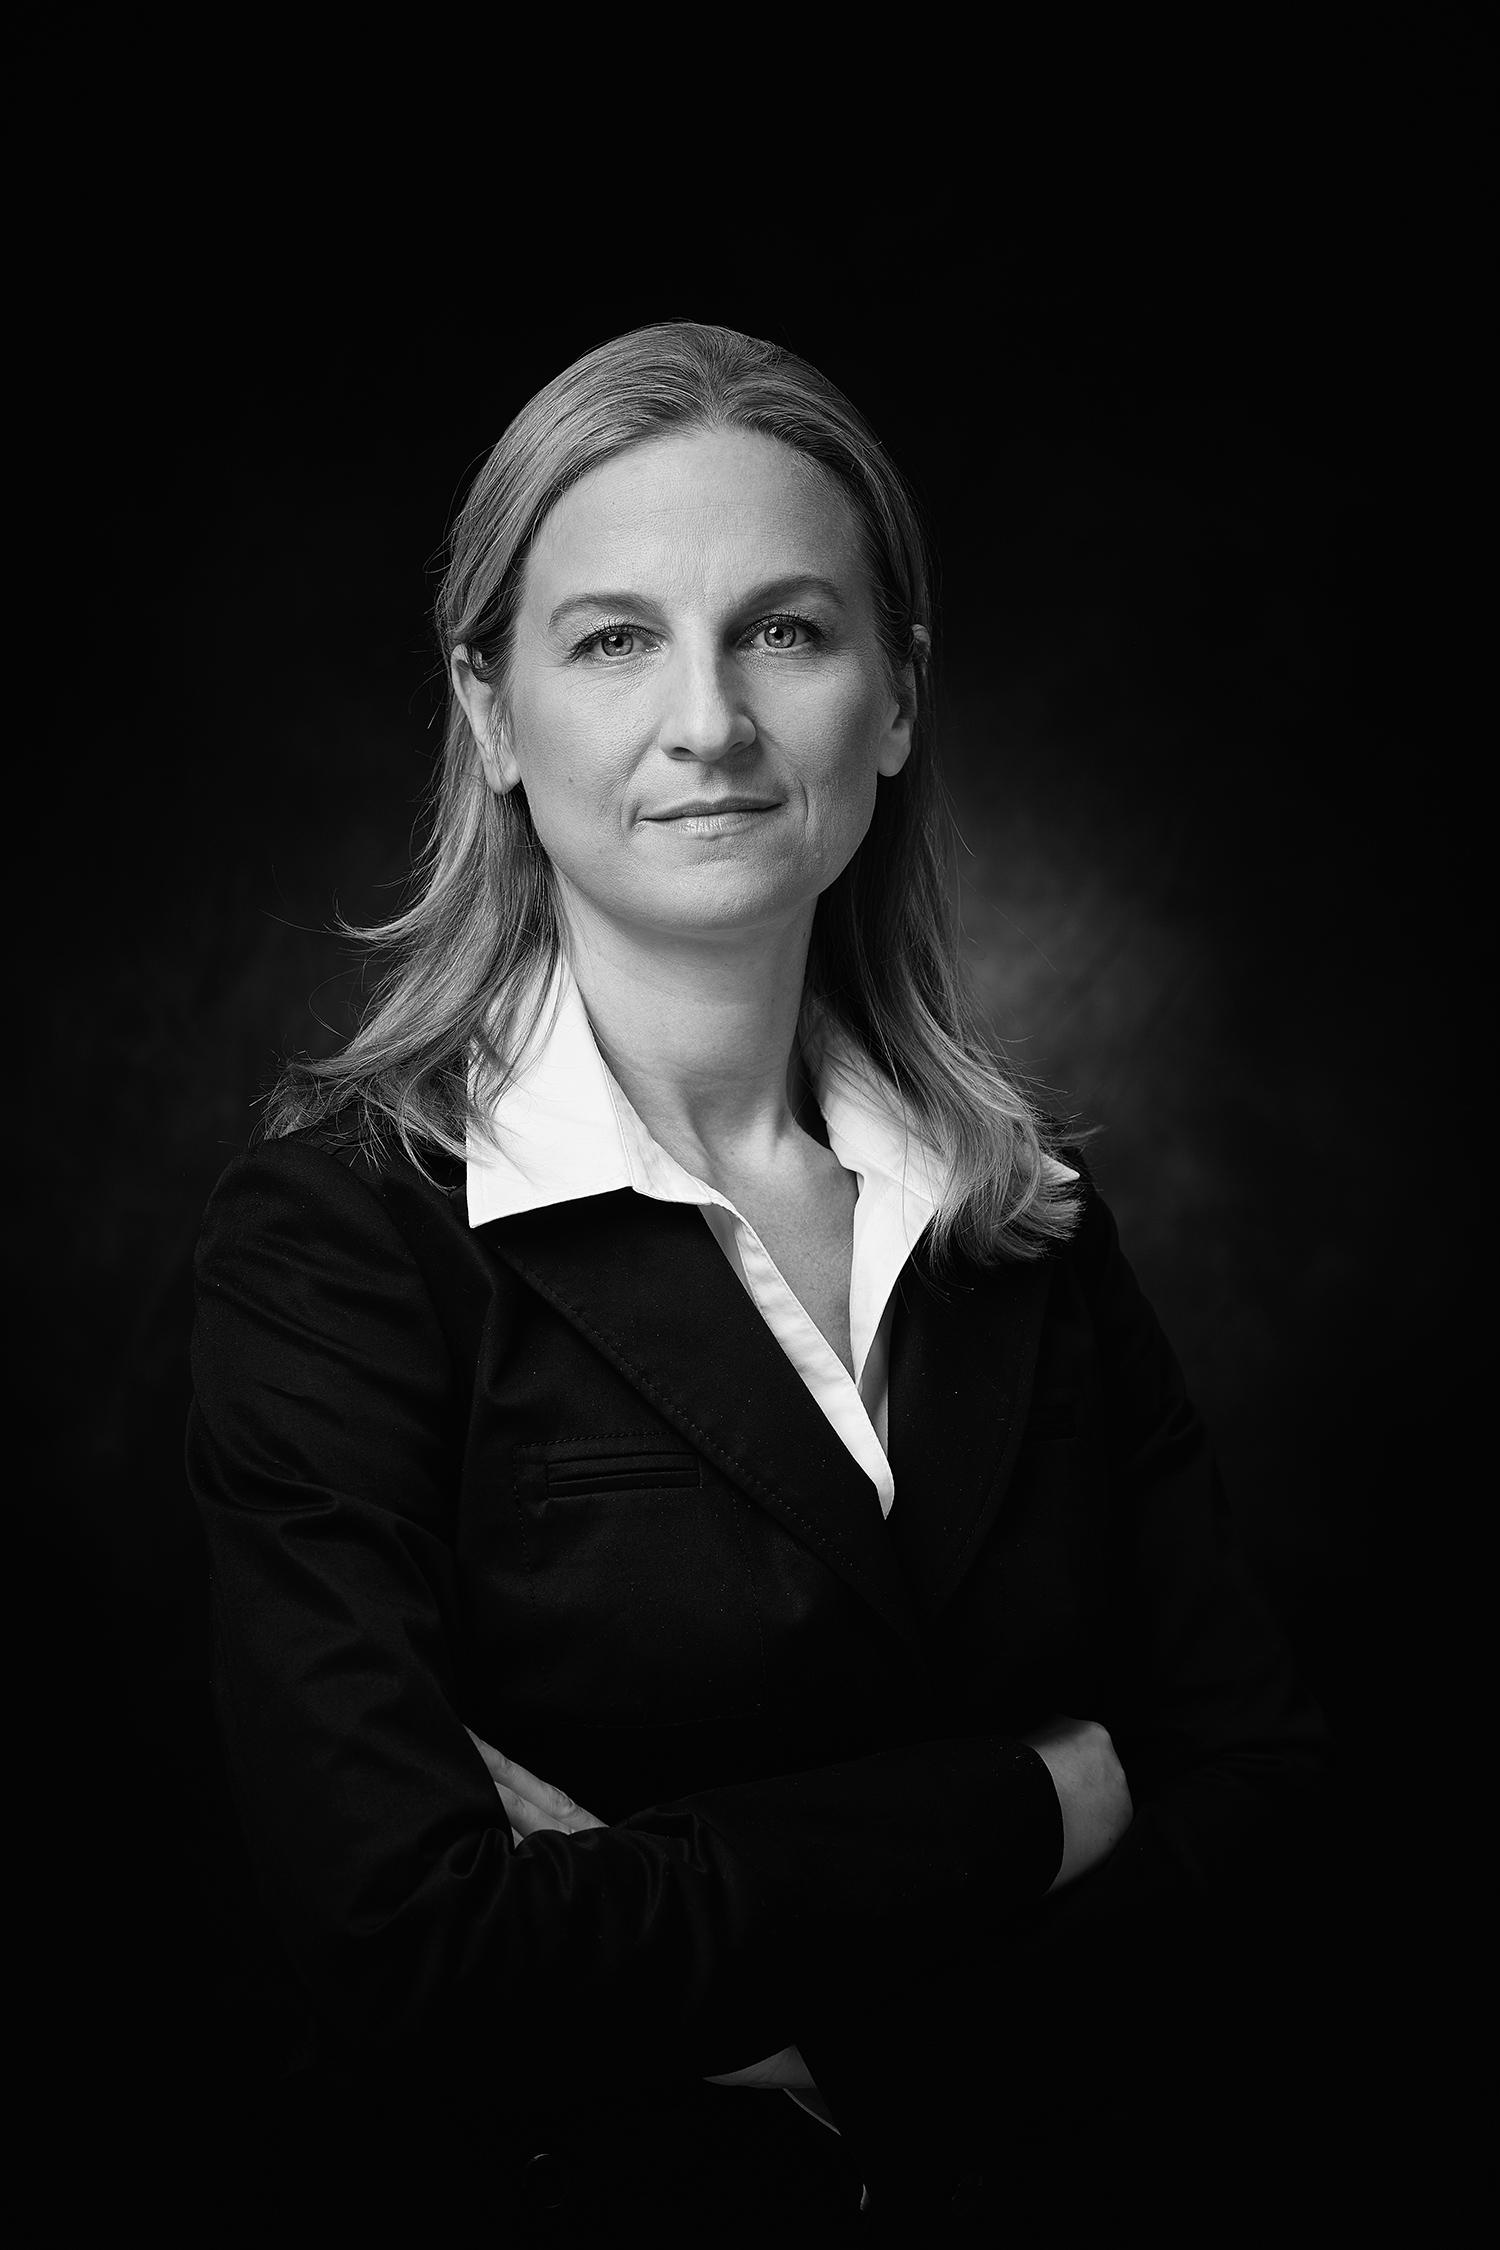 Sabine Trautmann